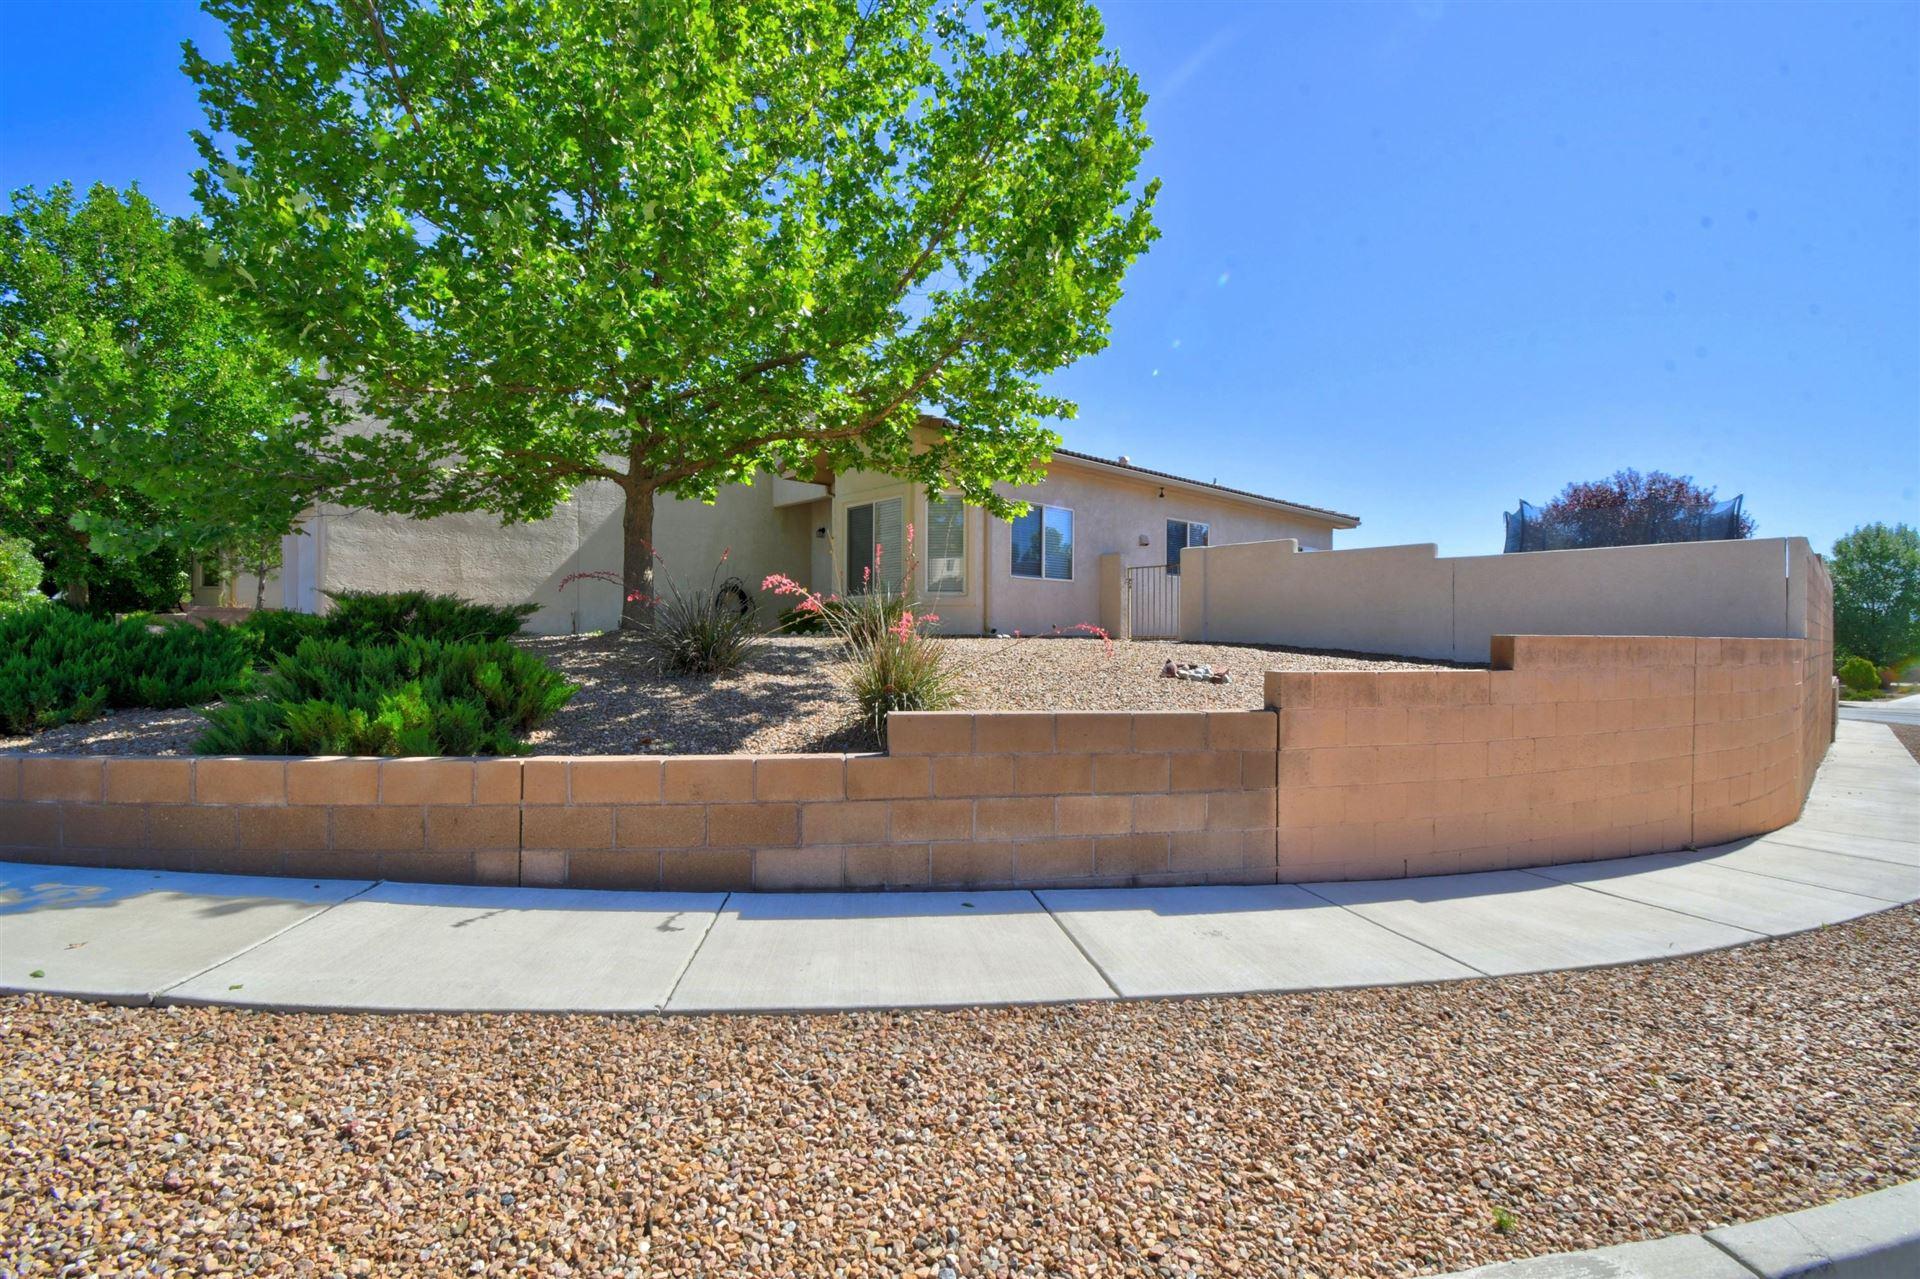 Photo of 3316 RIO PLATA Drive SW, Albuquerque, NM 87121 (MLS # 994677)